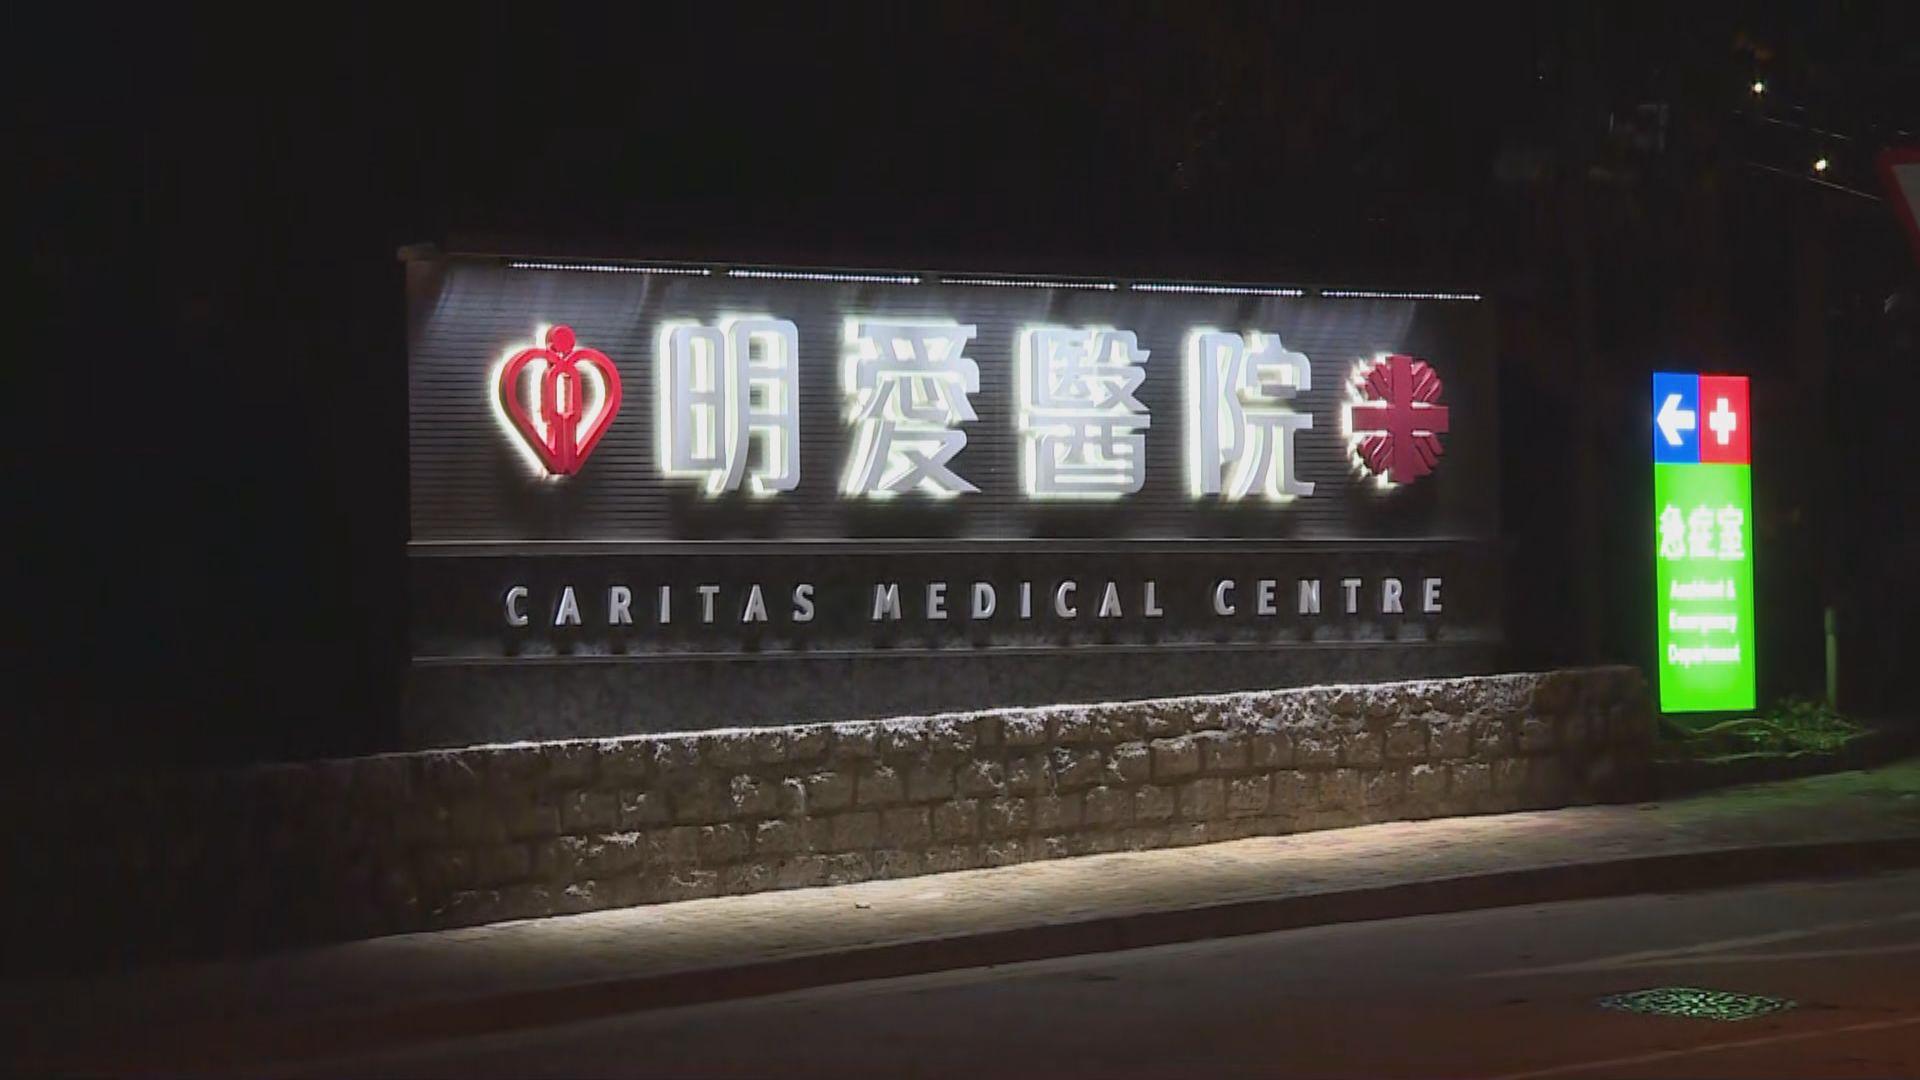 消息:80歲男患者初步測試對新型冠狀病呈陽性